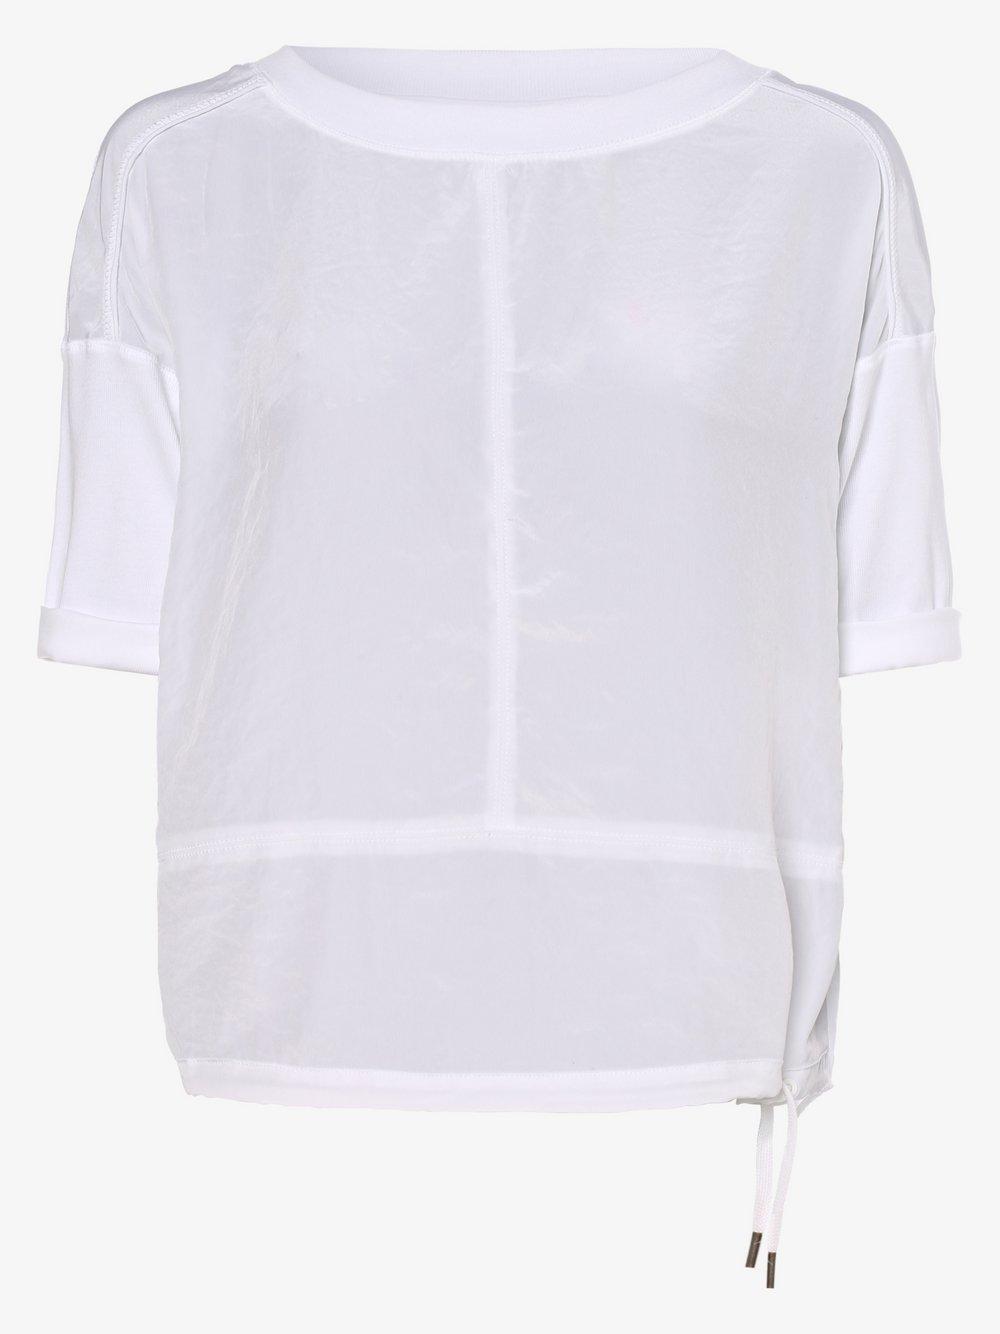 Marc Cain Sports – Koszulka damska, biały Van Graaf 467070-0003-00360